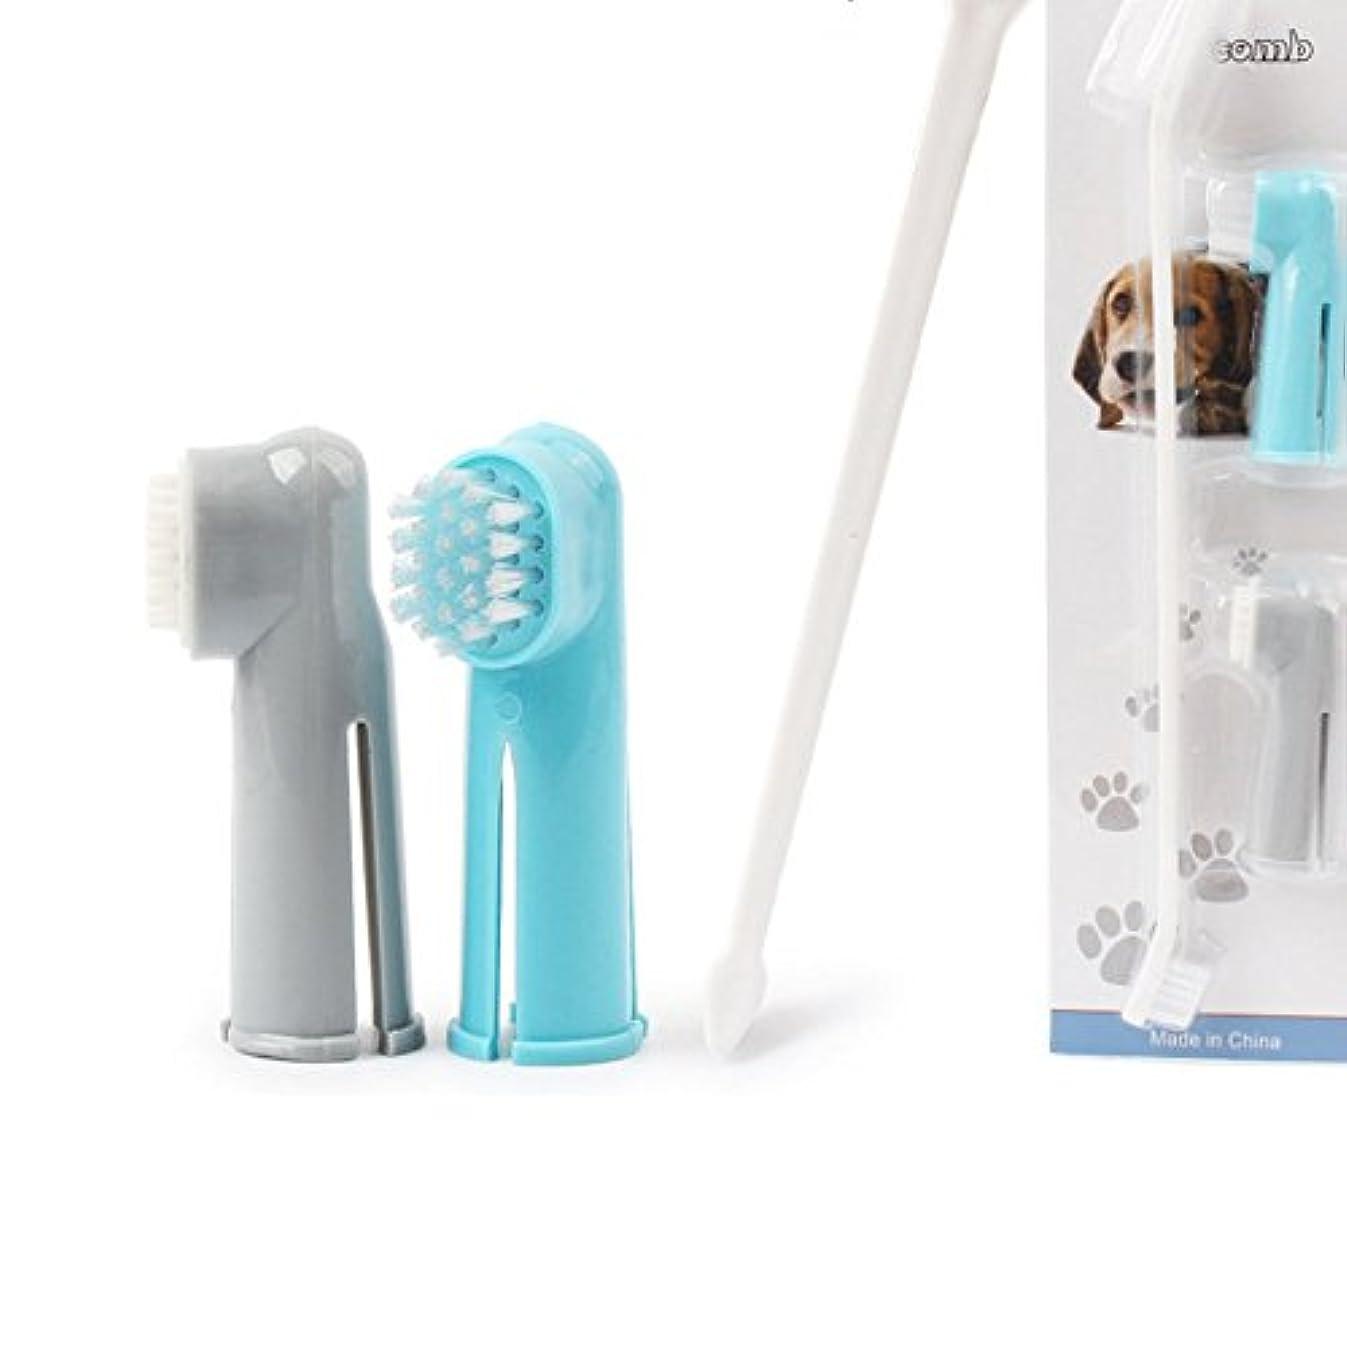 脱獄弁護士そこからBartram 指歯 ブラシ 犬猫用歯ブラシ 歯磨き フィンガータイプ ソフト フィンガータイプ デンタルケア 3ピースセット